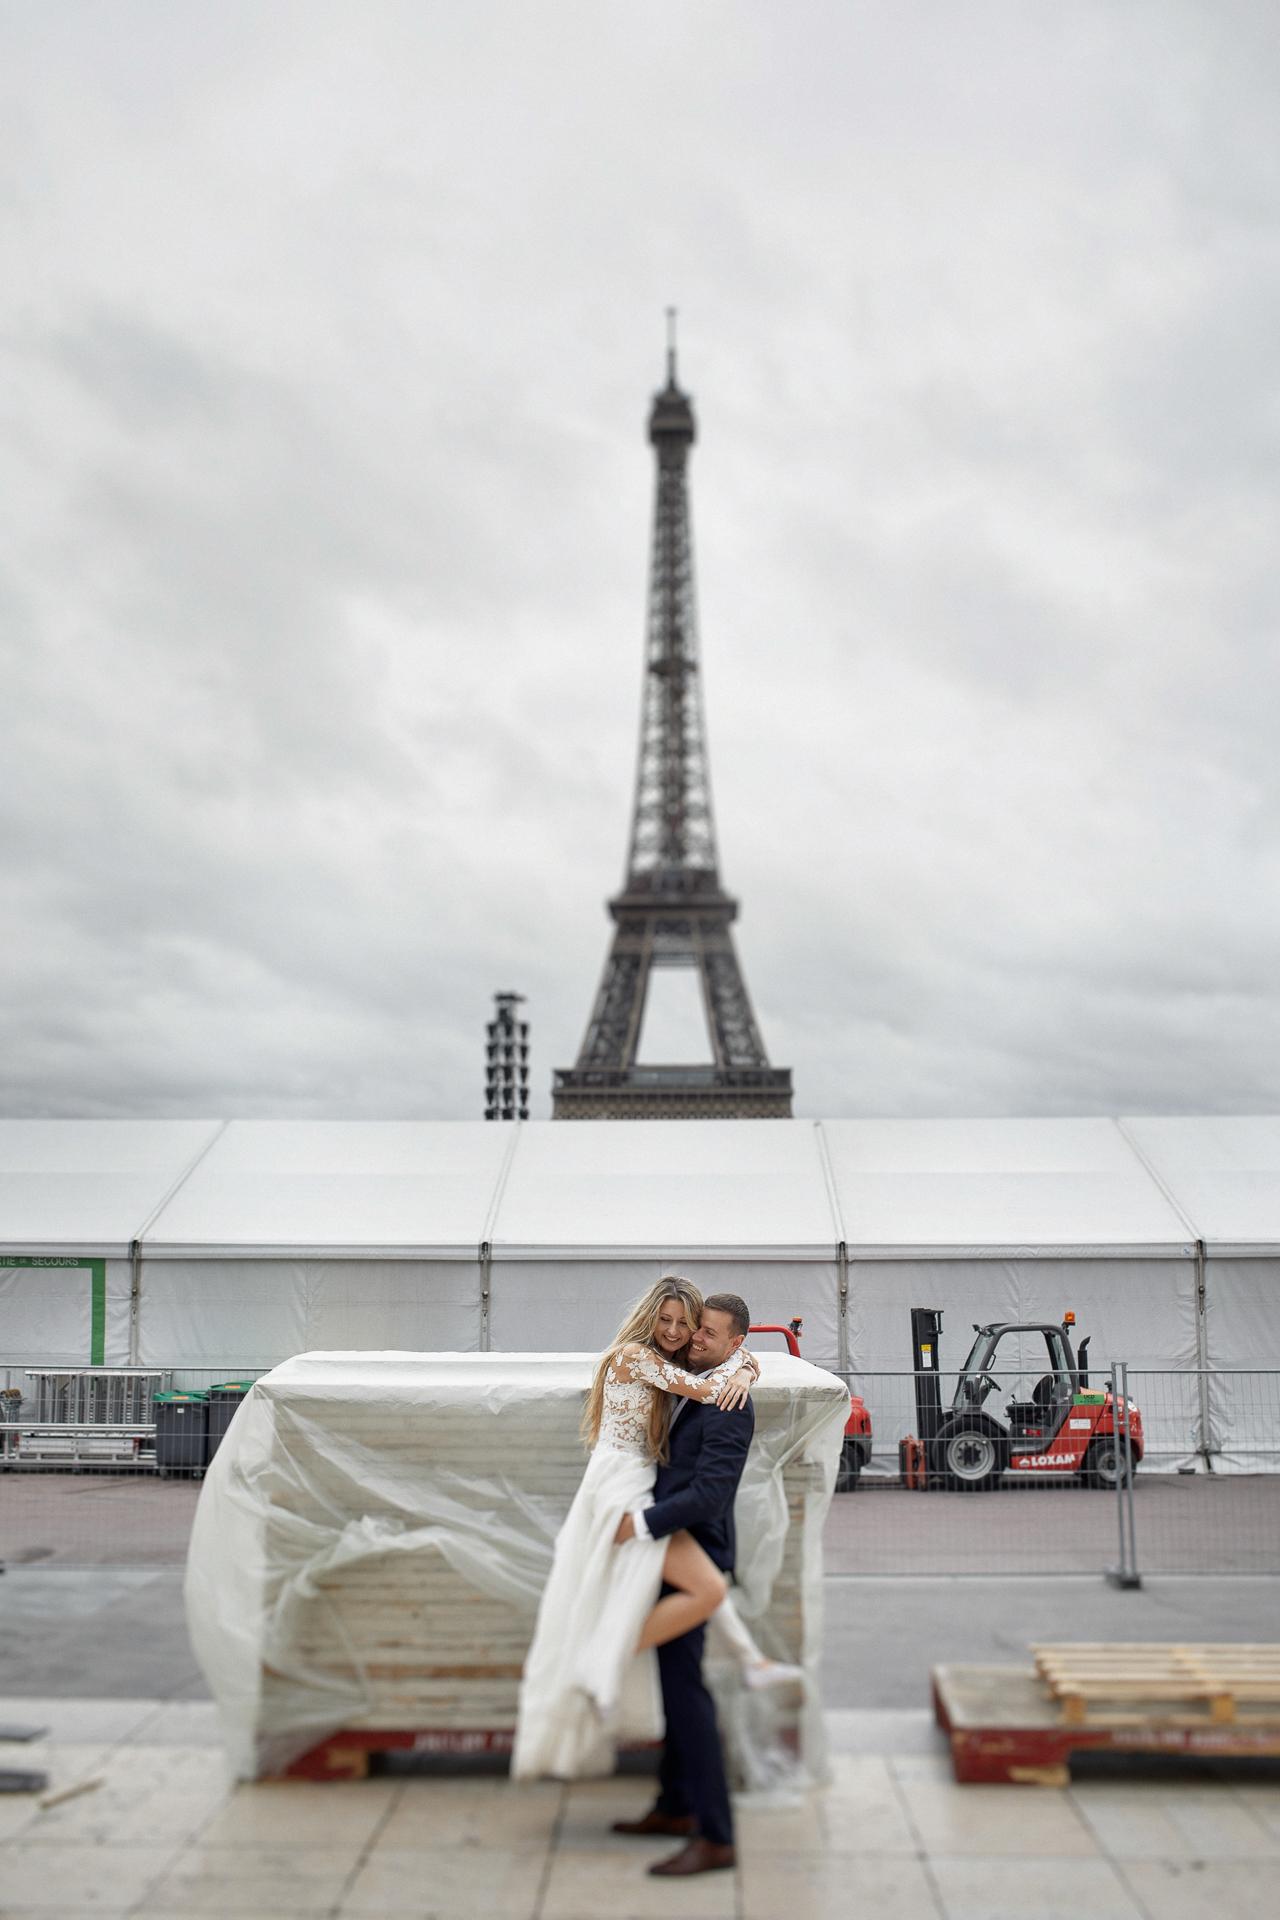 zagraniczny plener ślubny w Paryżu